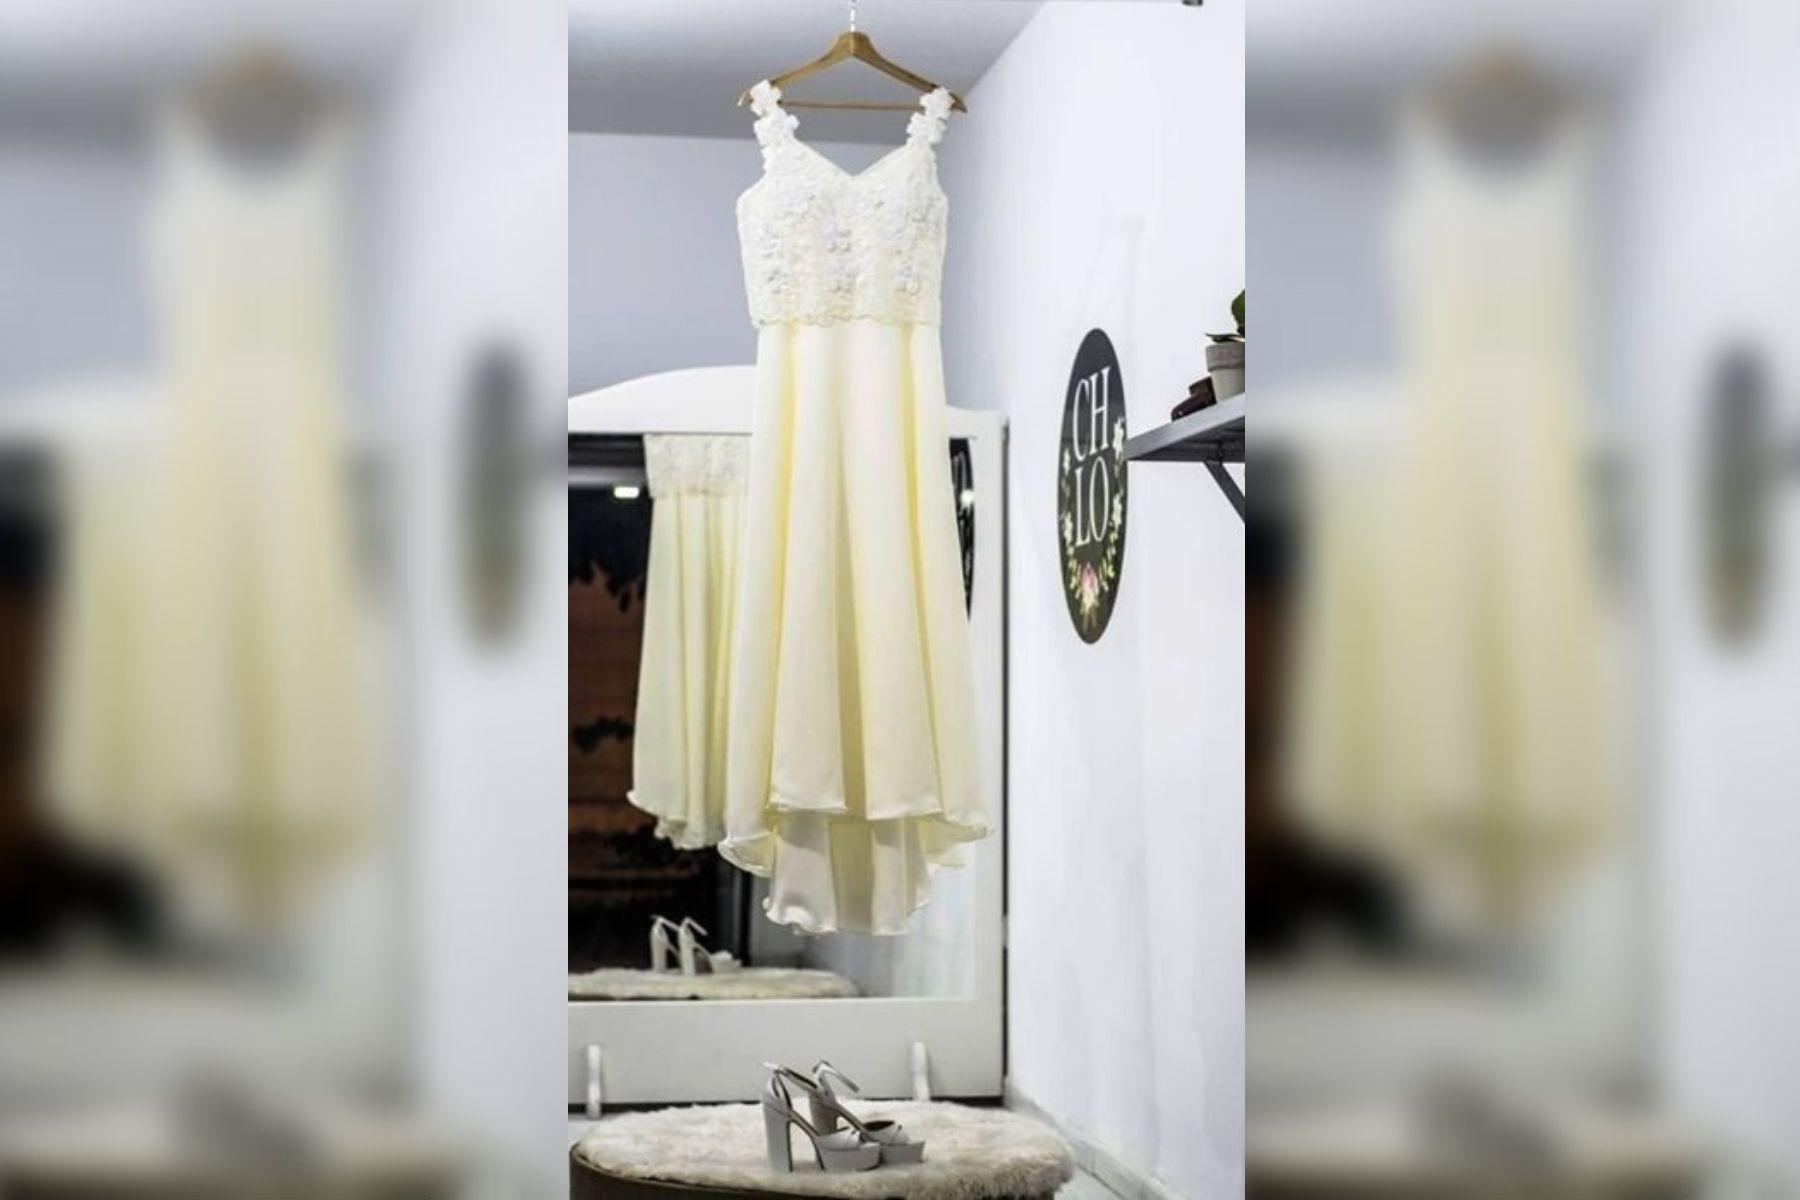 Llevó su vestido de novia a la tintorería, pero le devolvieron otro y ahora busca el original